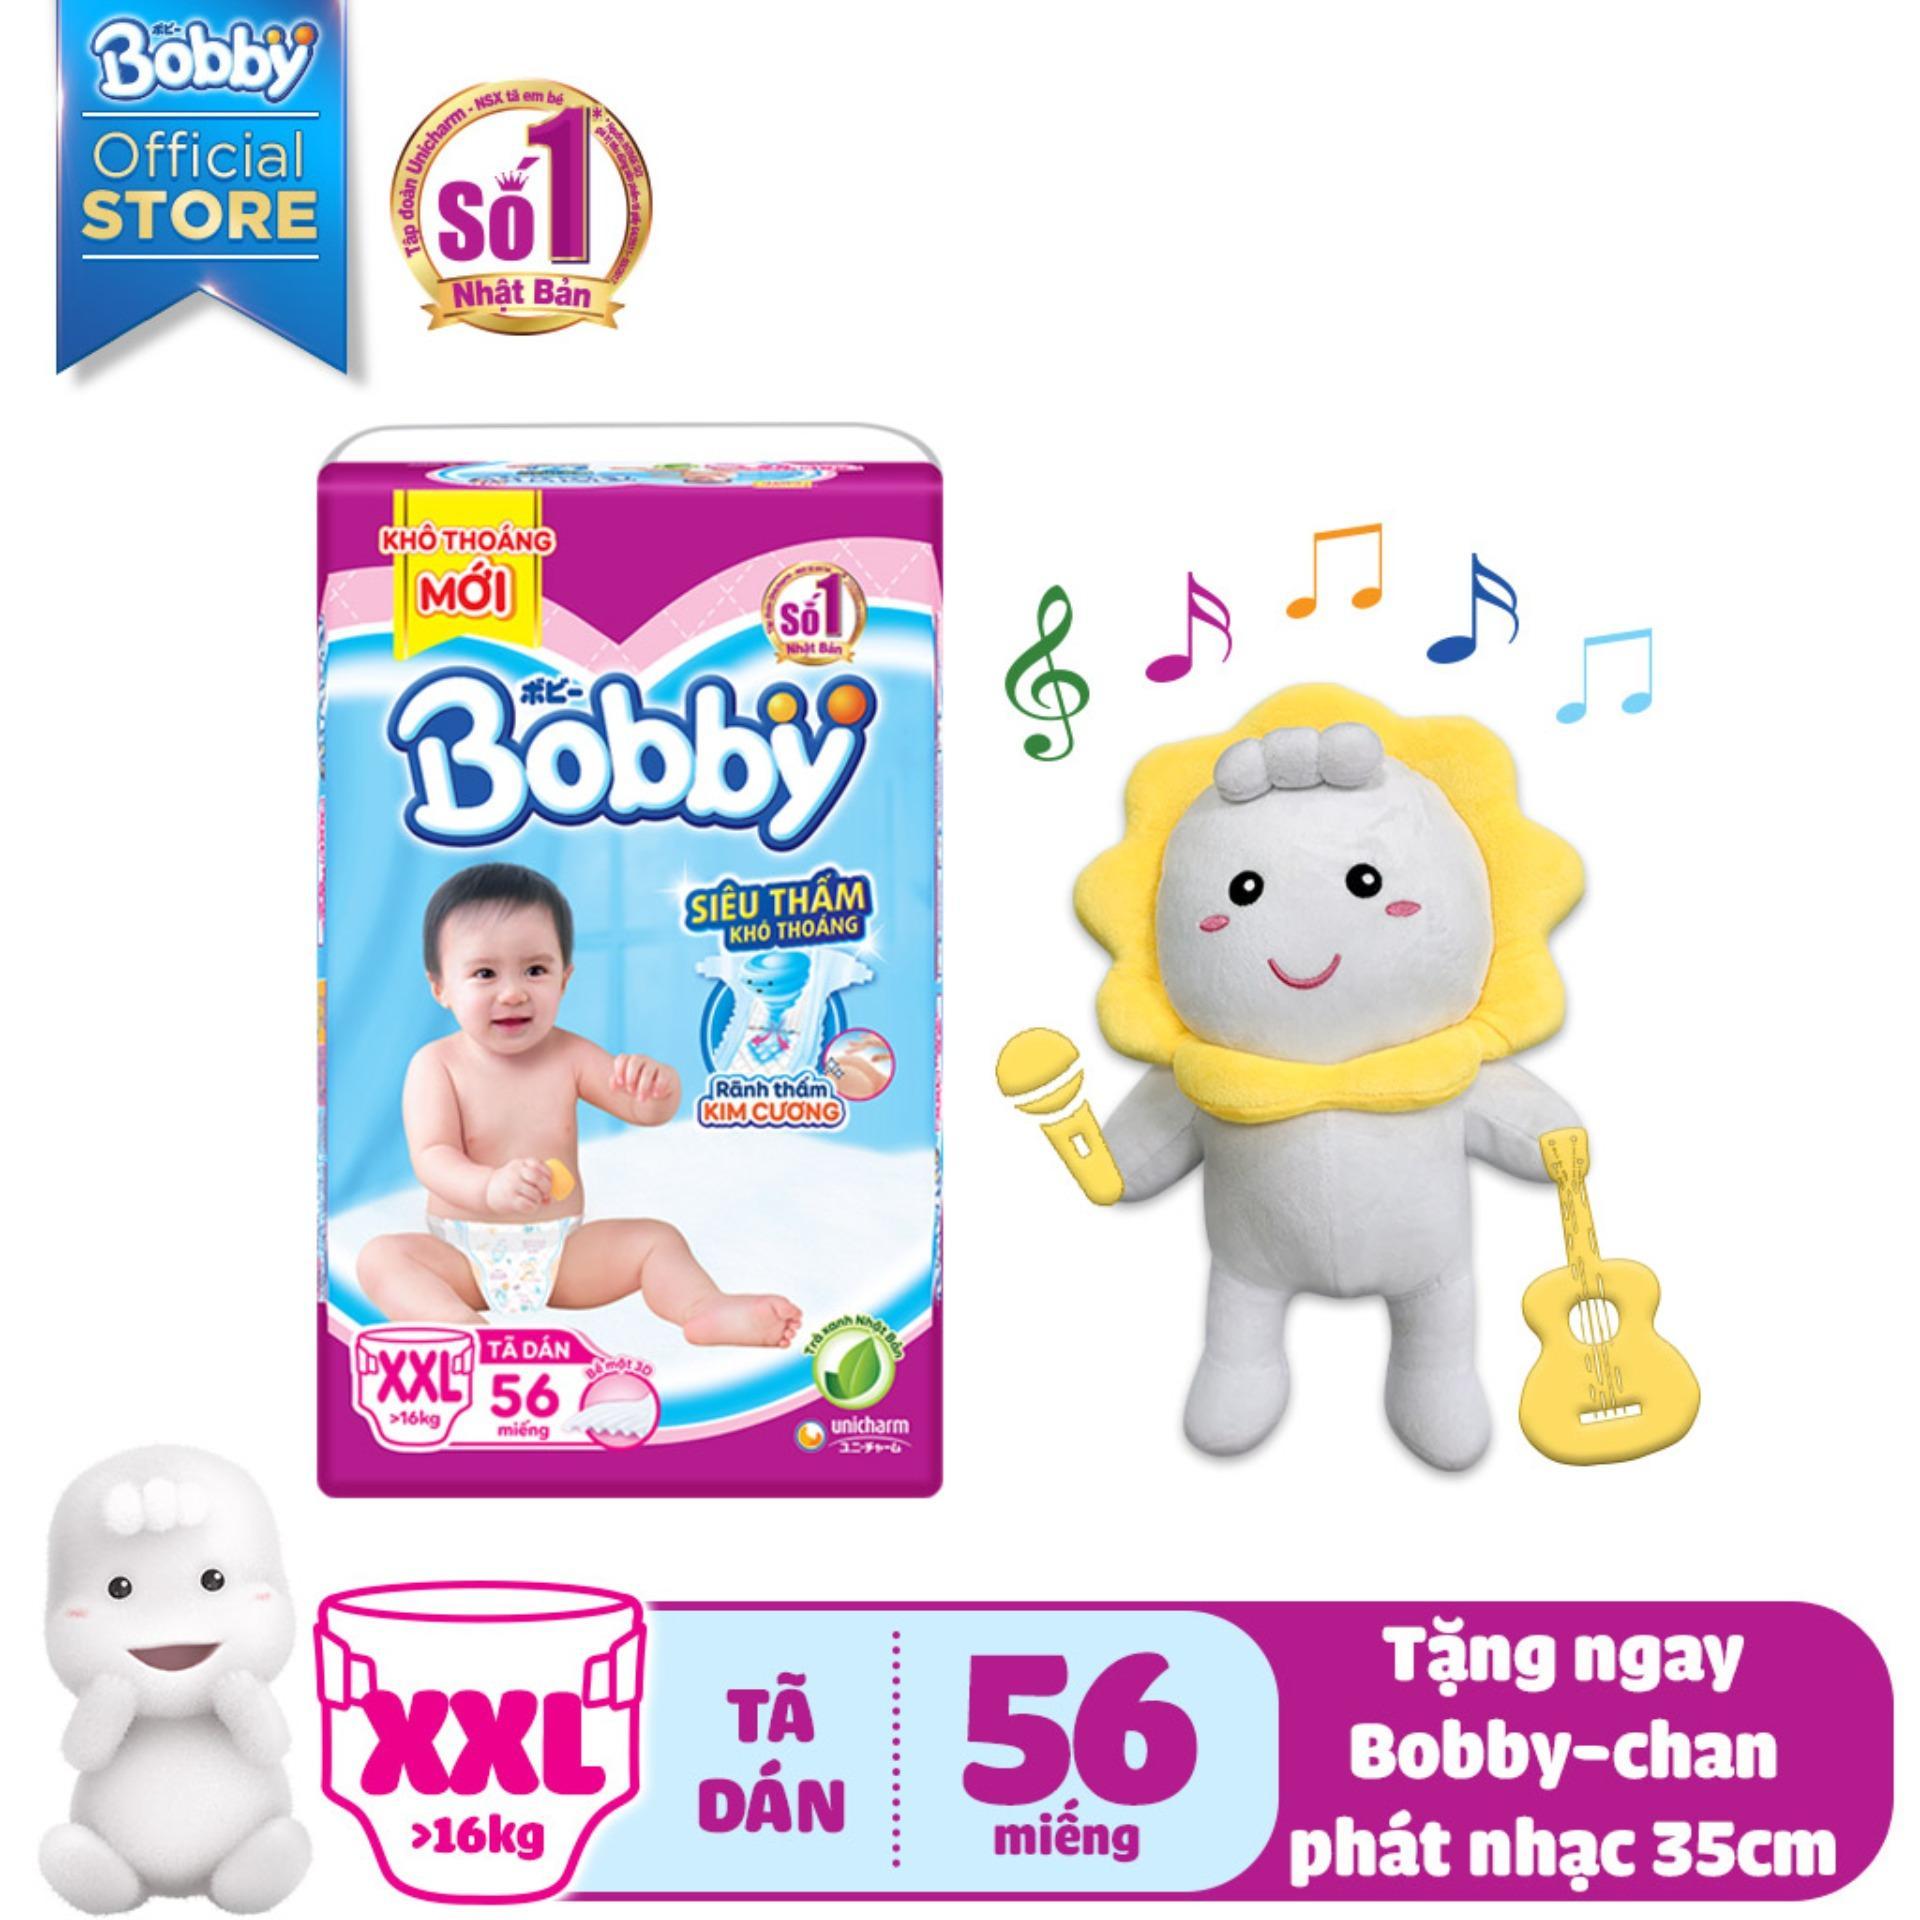 [KÈM QUÀ] Tã/Bỉm dán Bobby (rãnh thấm kim cương) gói siêu lớn XXL-56 miếng (>16kg) - Tặng Bobby-chan biết hát...